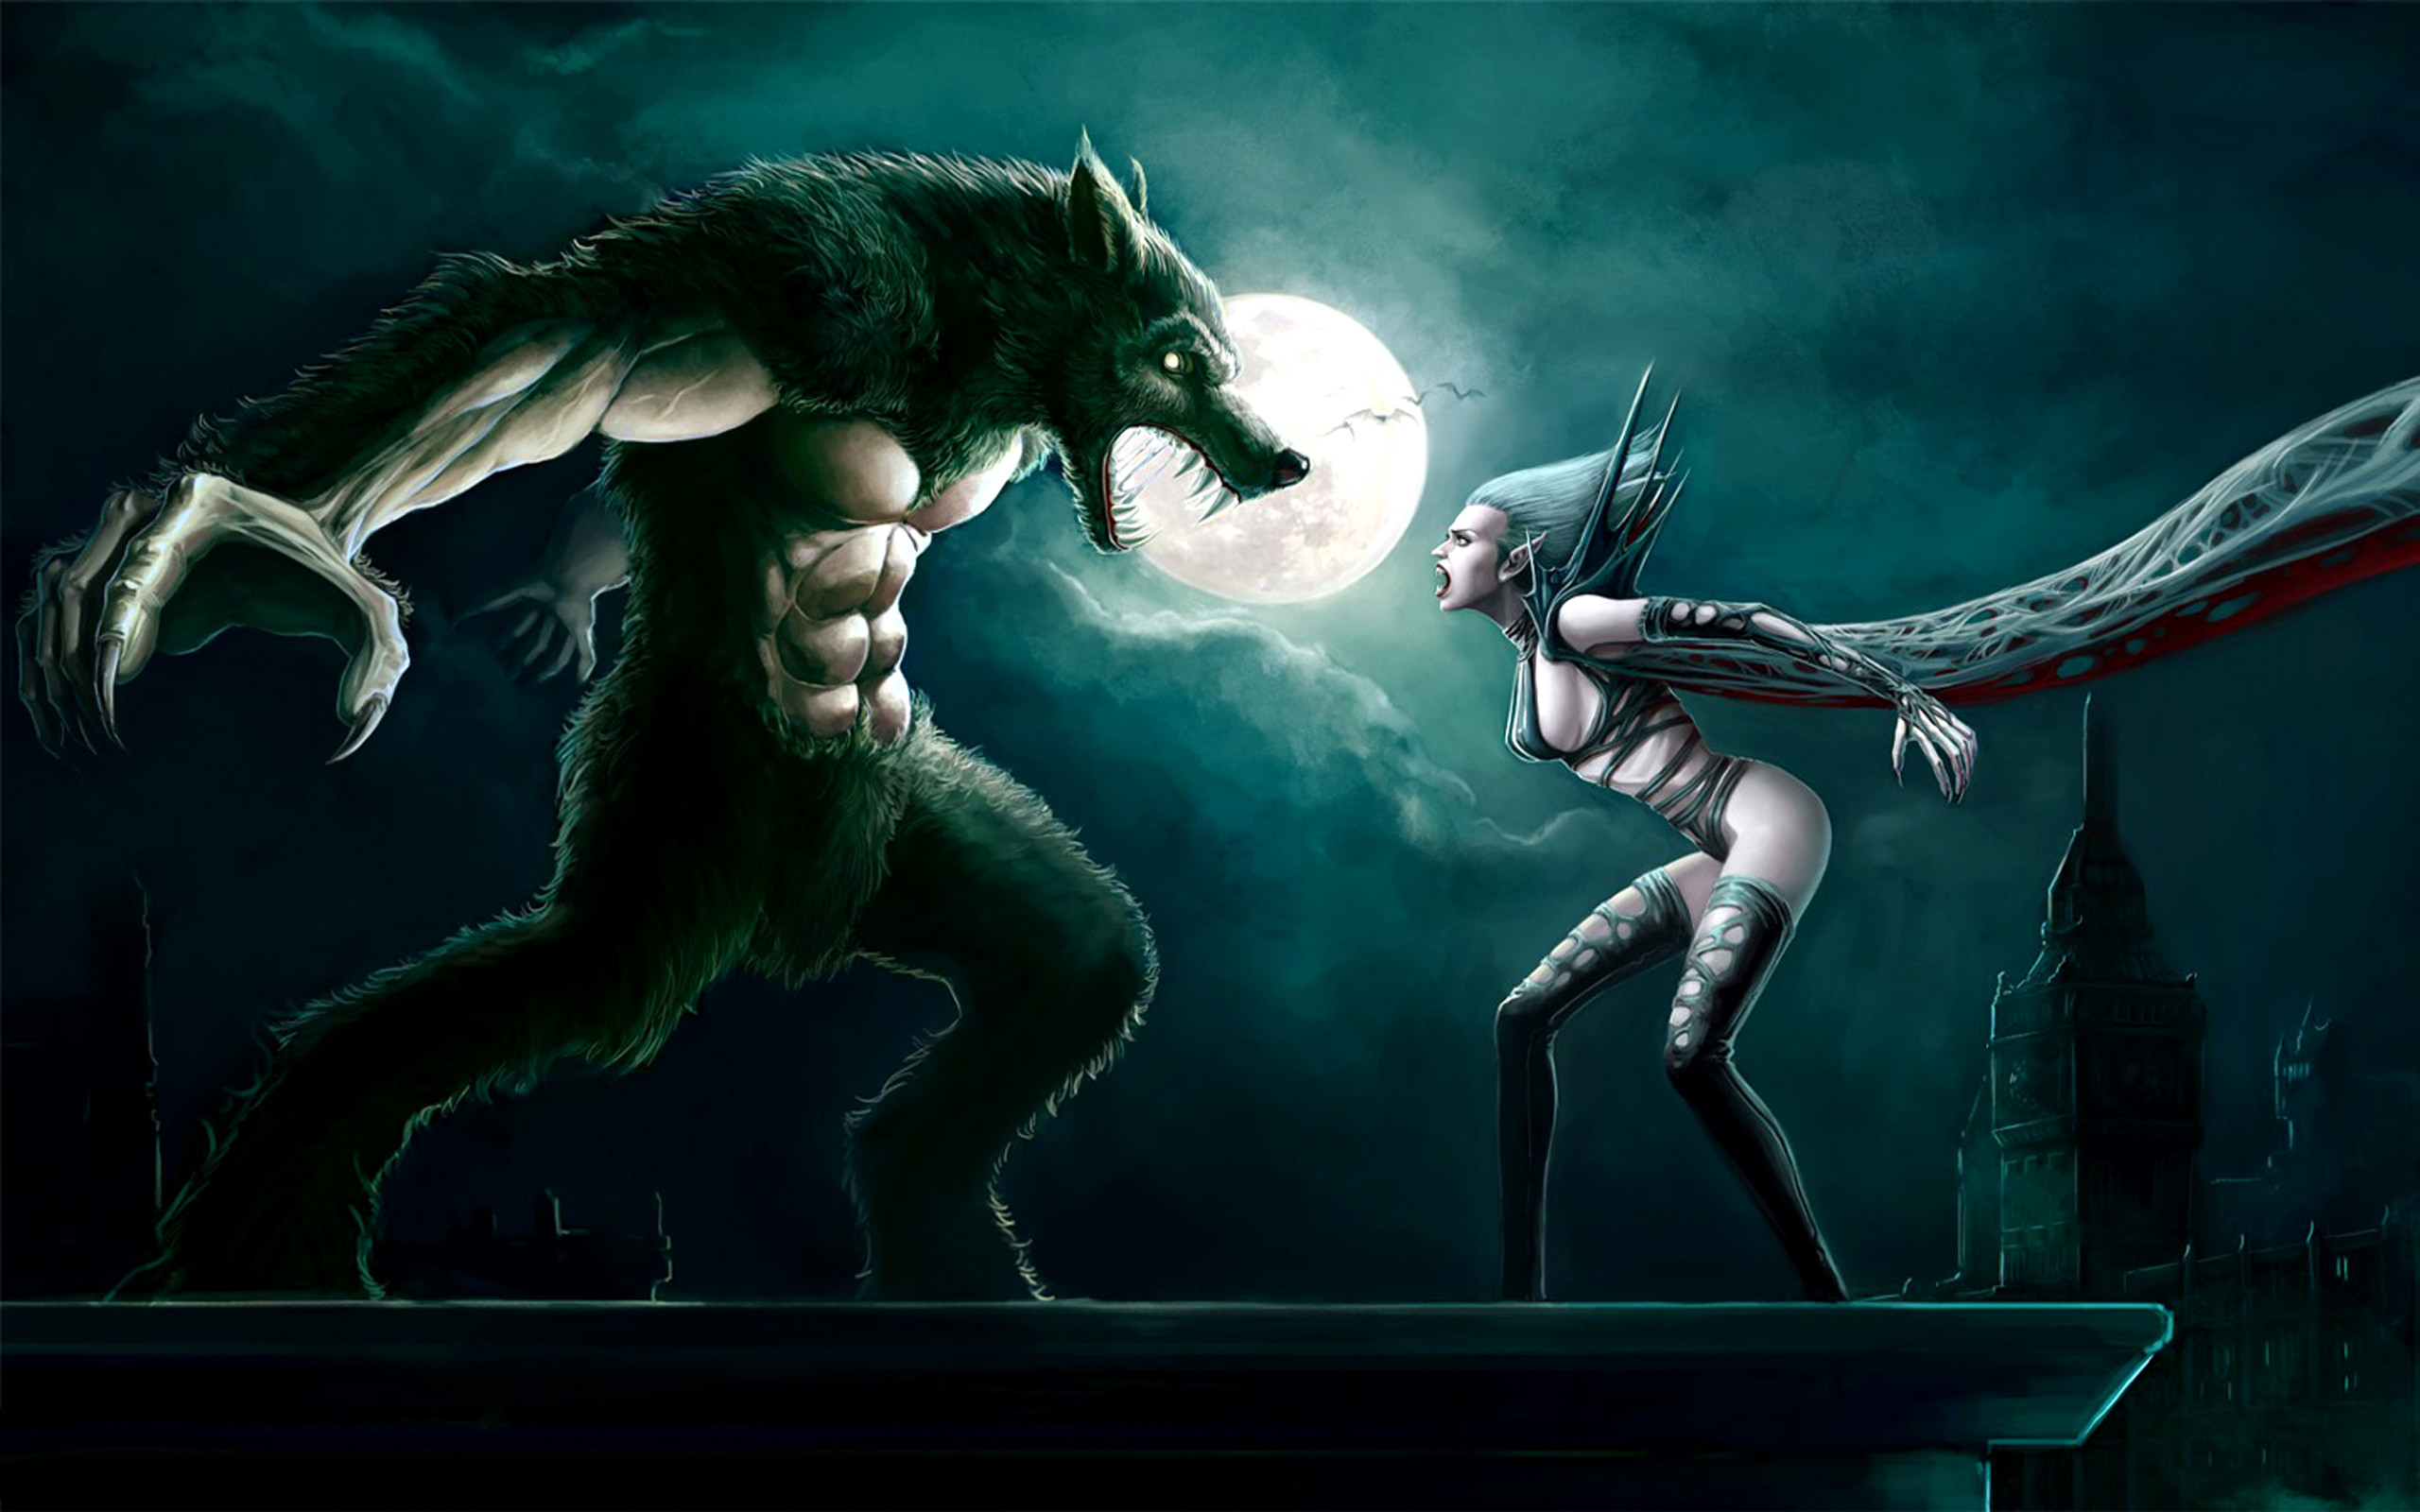 Werewolf wallpaper hd 75 images 1920x1200 dark werewolf dark animal fantasy creature snake black creepy wallpaper voltagebd Image collections